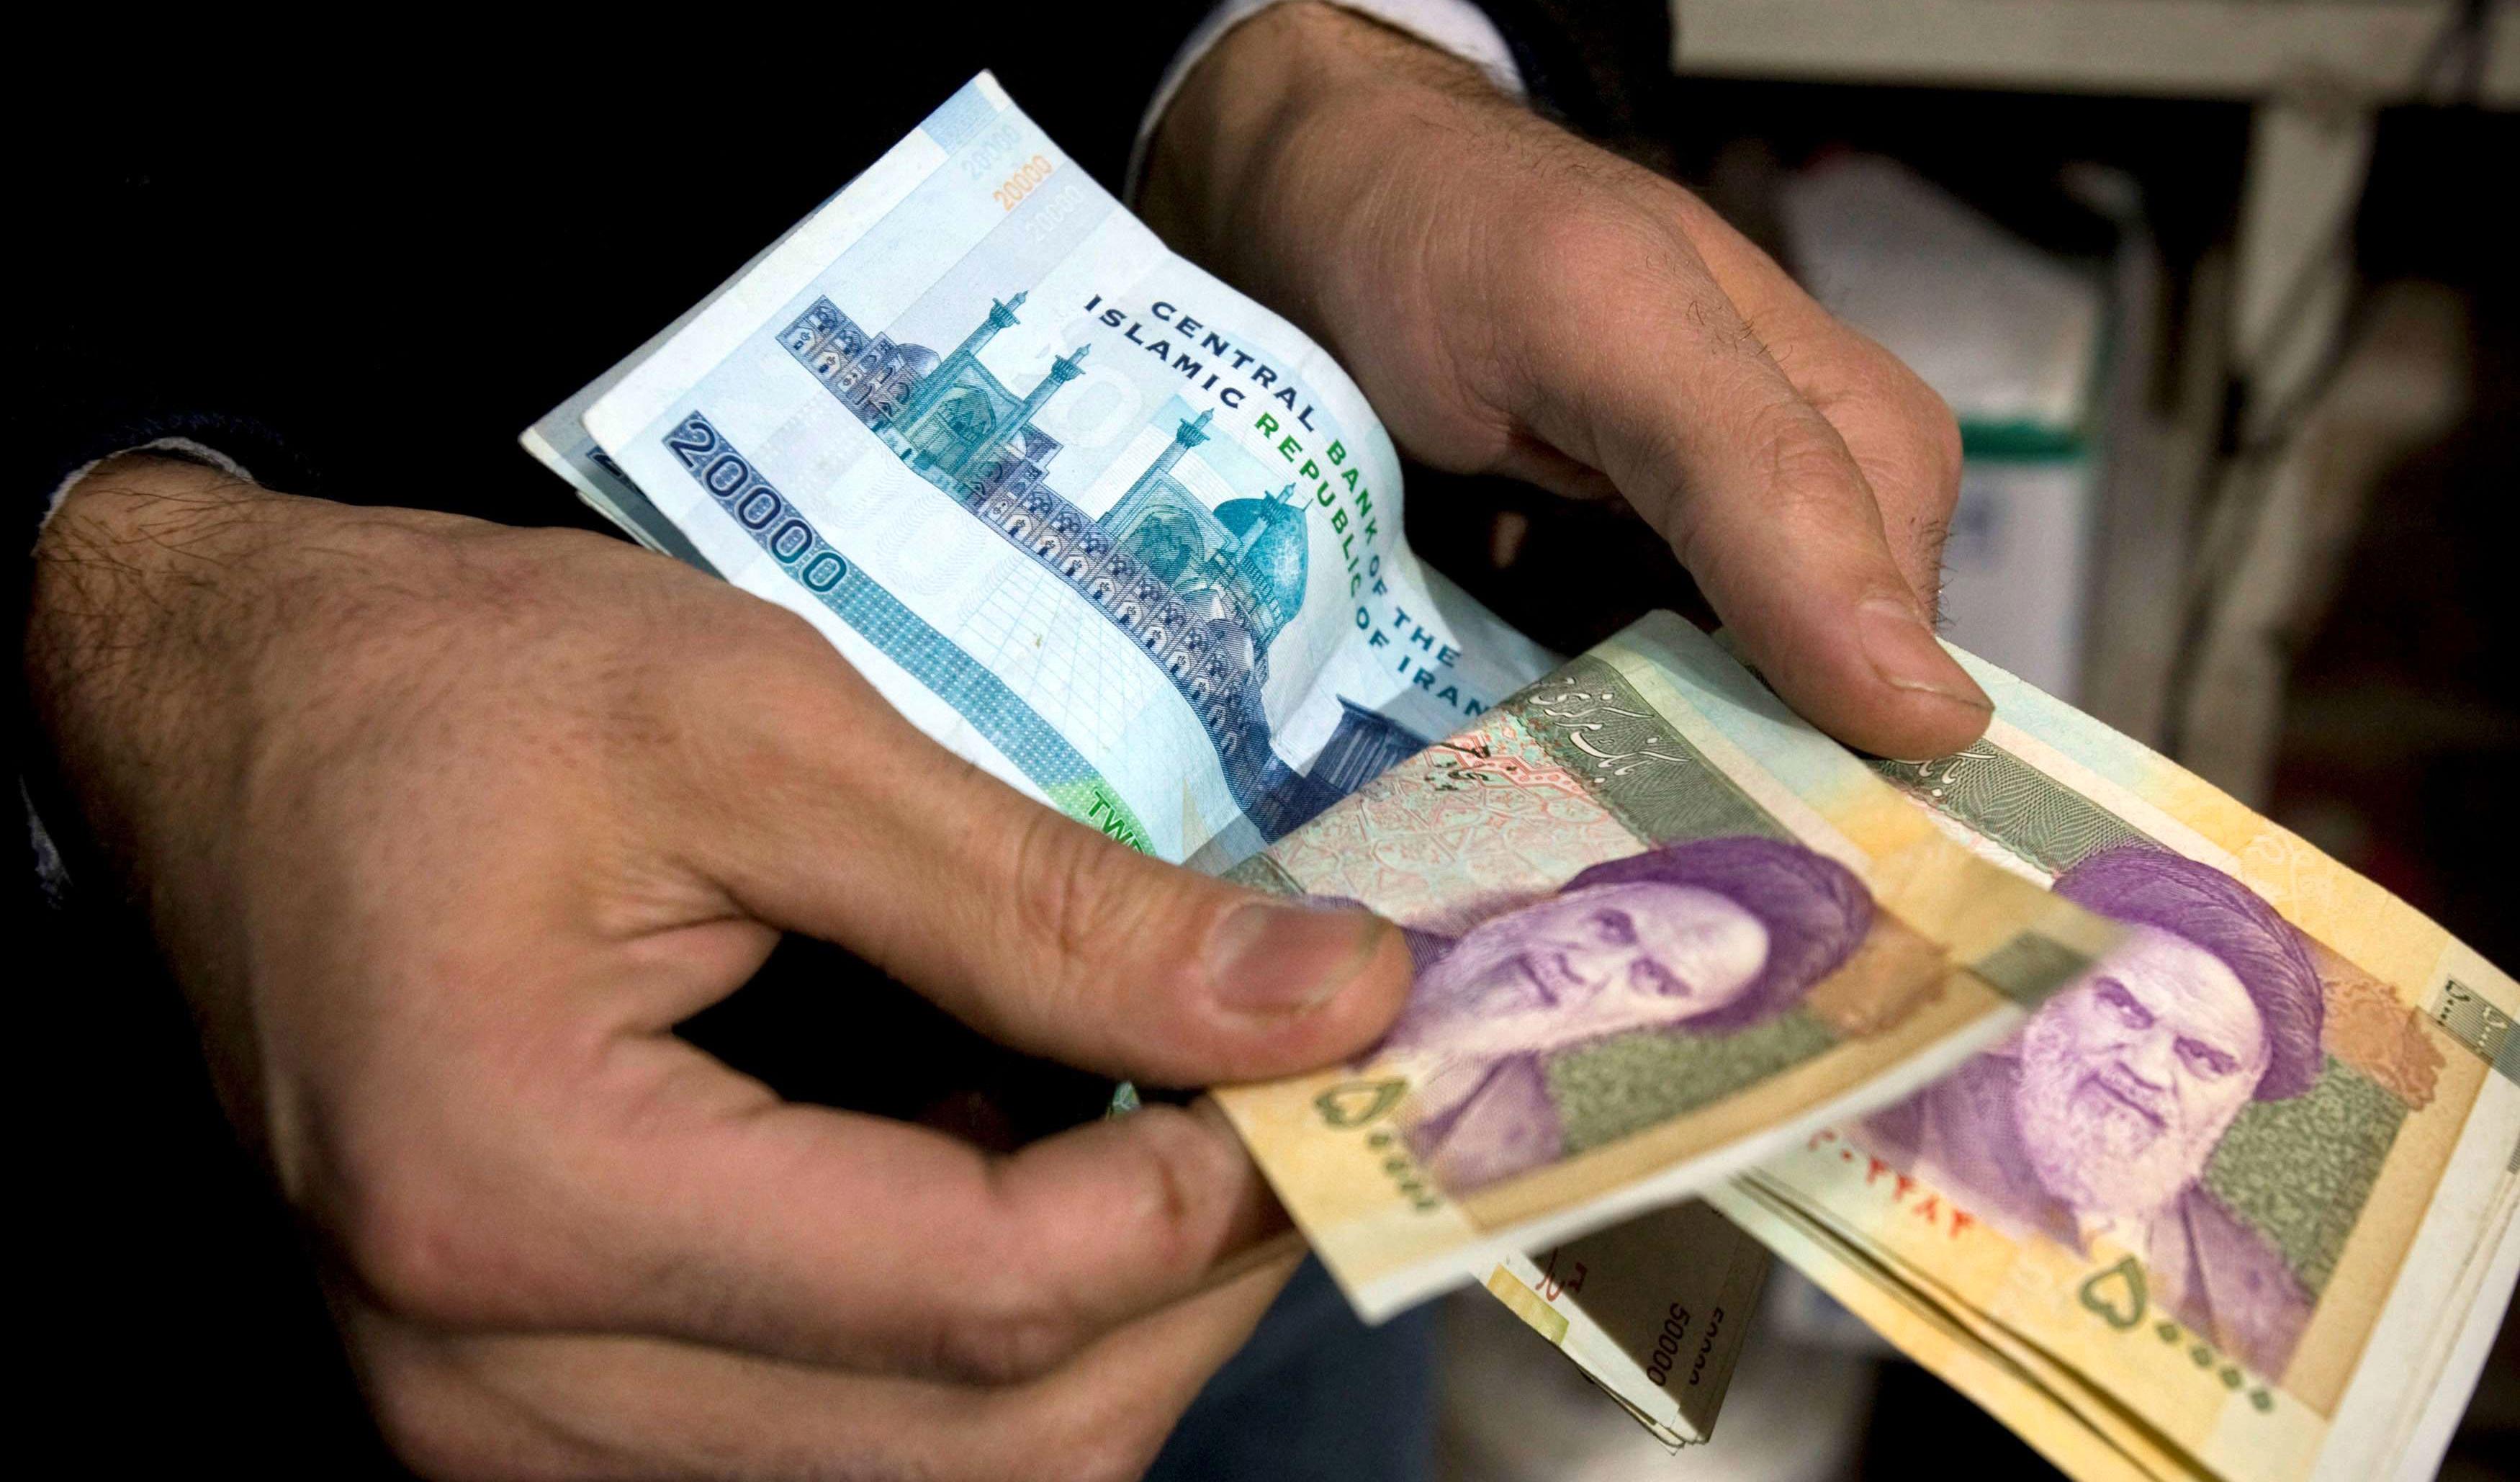 متقاضیان بسته حمایت معیشتی چه مجوزهایی به دولت میدهند؟